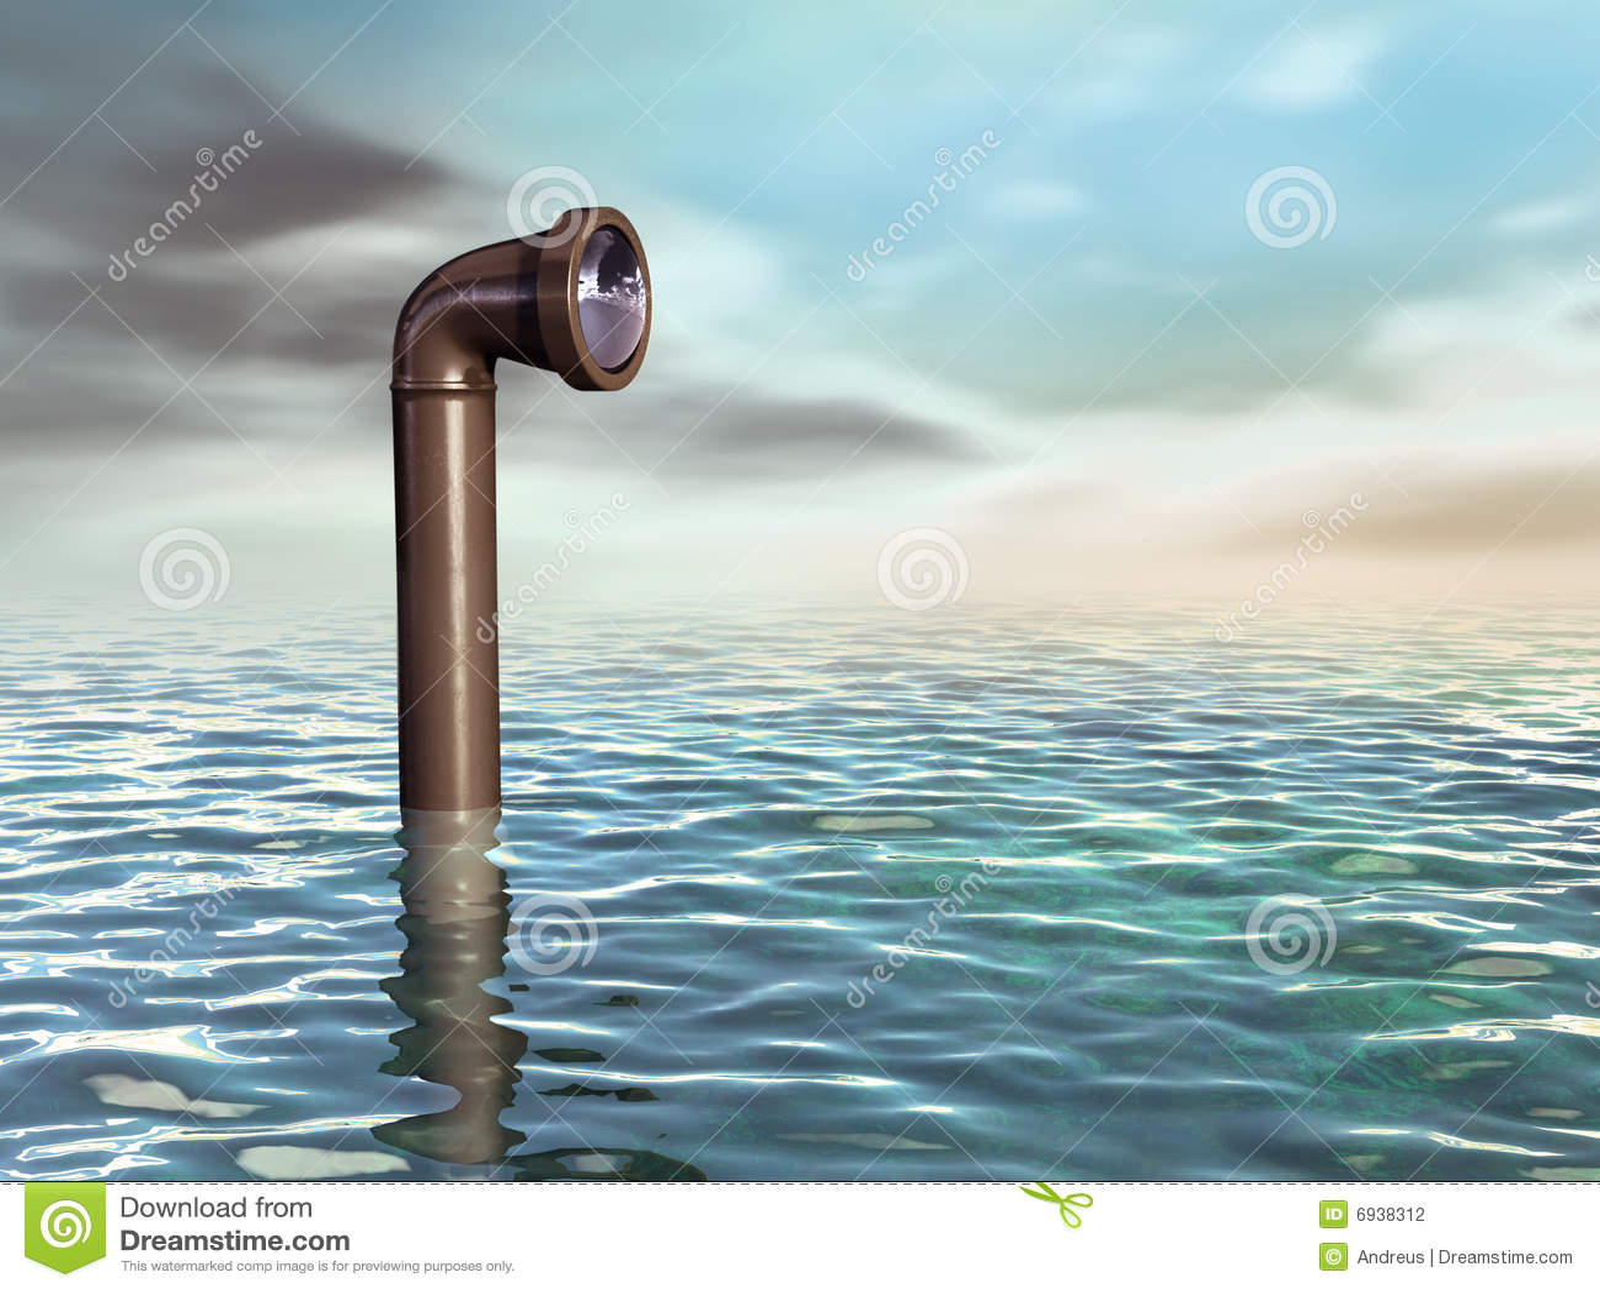 Submarine periscope